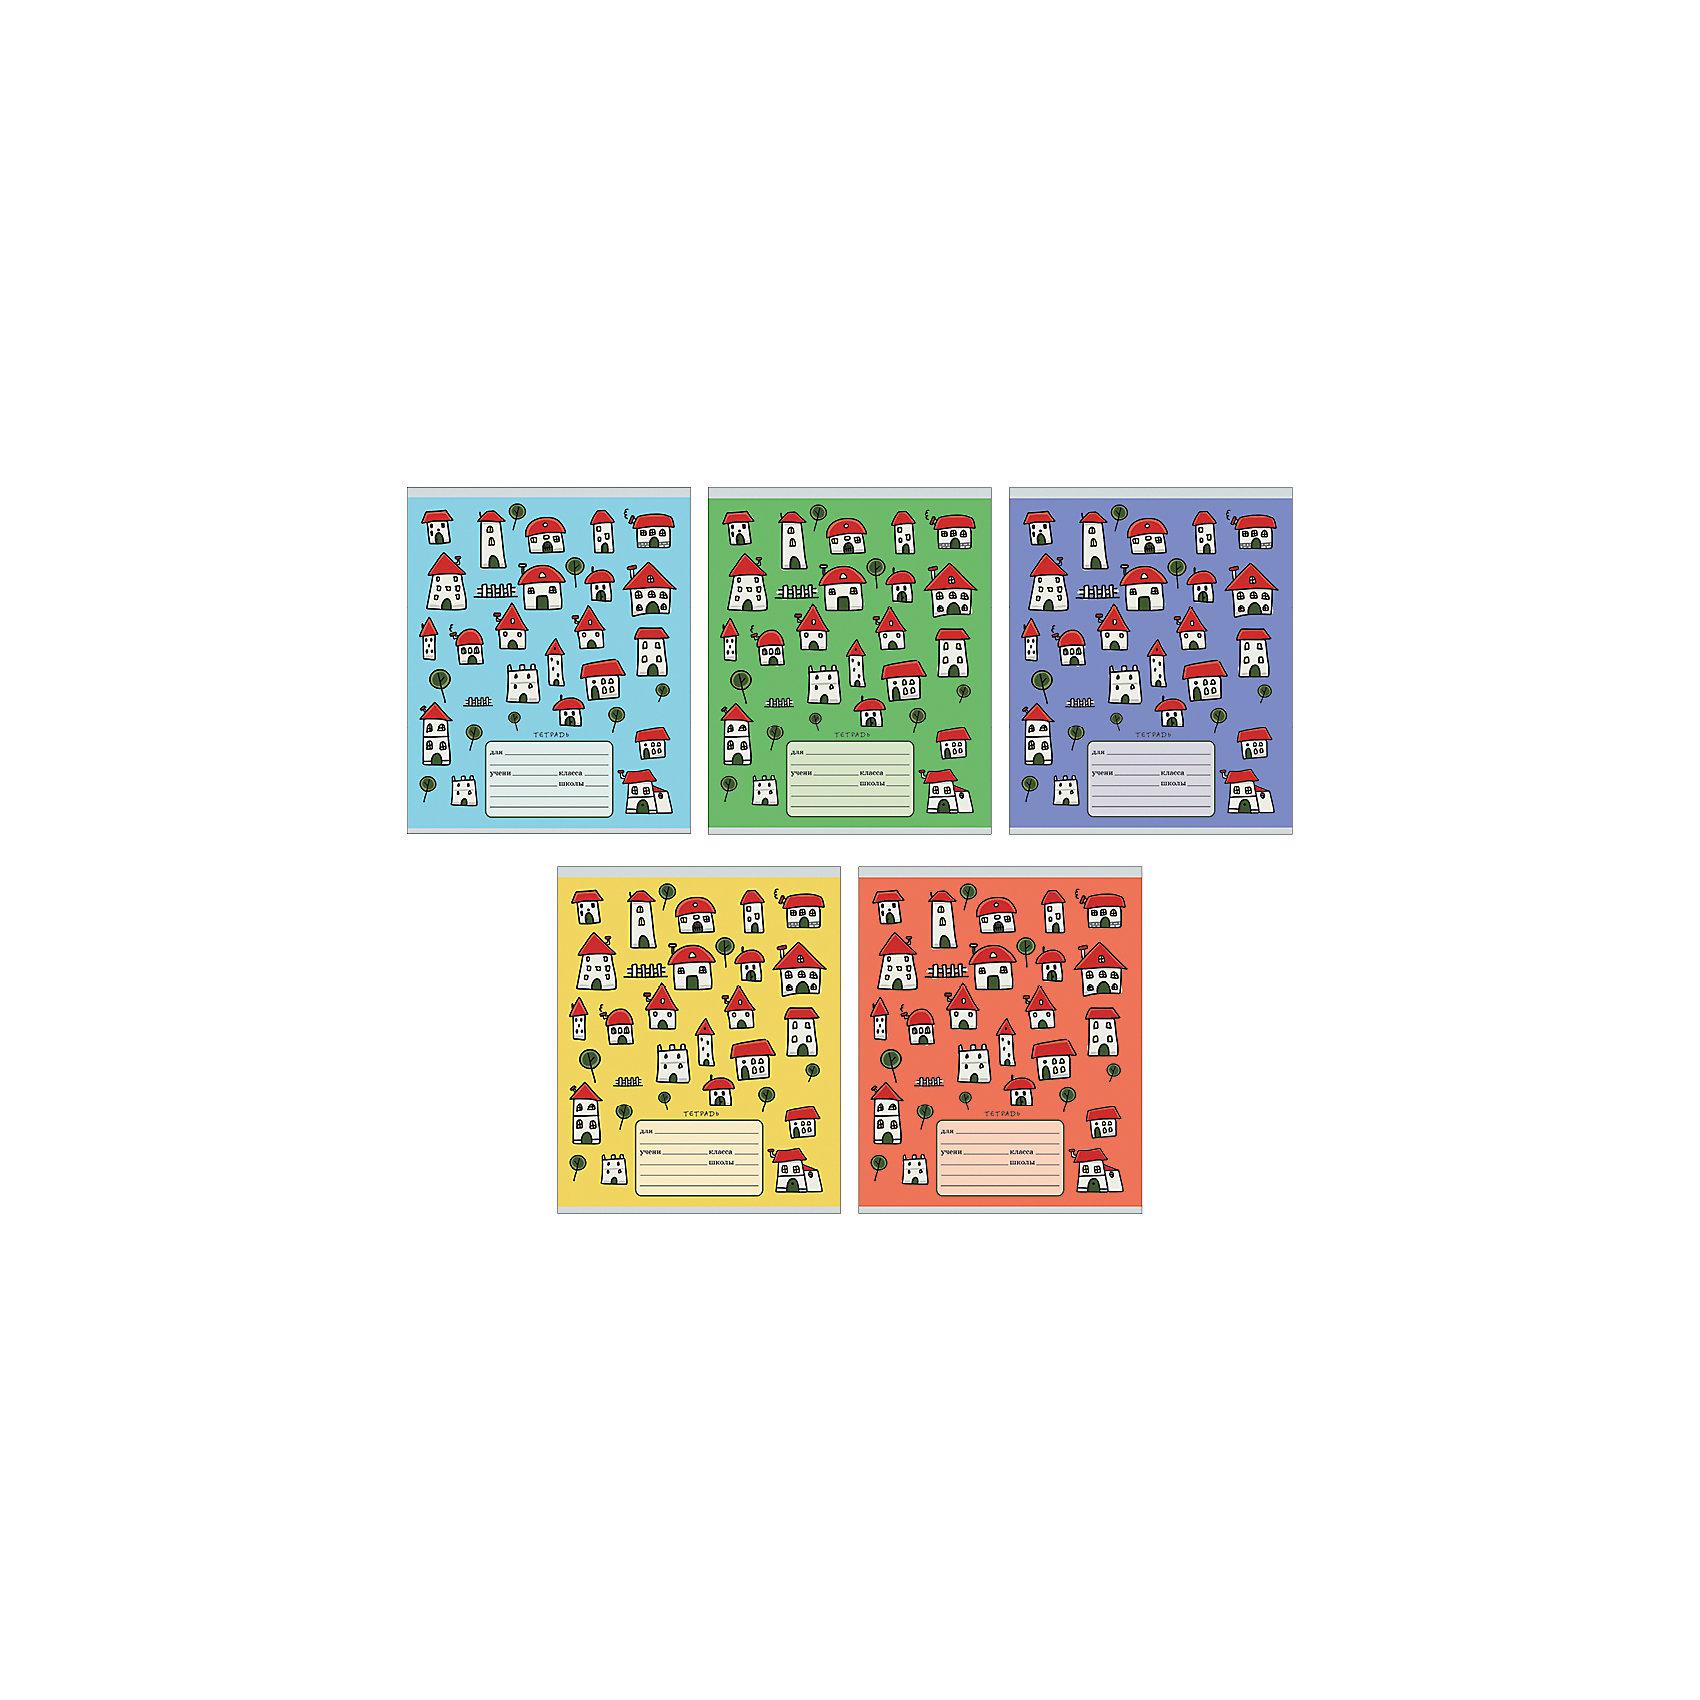 Комплект тетрадей Домики (10 шт), 18 листов, Канц-ЭксмоБумажная продукция<br>Характеристики комплекта тетрадей Домики:<br><br>• размеры: 20.2х16.3х3.5 см<br>• количество листов: 18 шт.<br>• разлиновка: клетка<br>• формат: А 5 <br>• комплектация: тетрадь<br>• бумага: офсет, плотностью 60 г/м2.<br>• обложка: мелованный картон <br>• бренд: Канц-Эксмо<br>• страна бренда: Россия<br>• страна производителя: Россия<br><br>Комплект тетрадей Домики от производителя Канц-Эксмо выполнен в формате А5. Количество листов 18, тетради в клетку с полями. Крепление: скрепка. Обложка у изделий плотная - мелованный картон.  <br><br>Комплект тетрадей Домики от производителя Канц-Эксмо можно купить в нашем интернет-магазине.<br><br>Ширина мм: 210<br>Глубина мм: 165<br>Высота мм: 20<br>Вес г: 52<br>Возраст от месяцев: 72<br>Возраст до месяцев: 2147483647<br>Пол: Унисекс<br>Возраст: Детский<br>SKU: 5448387